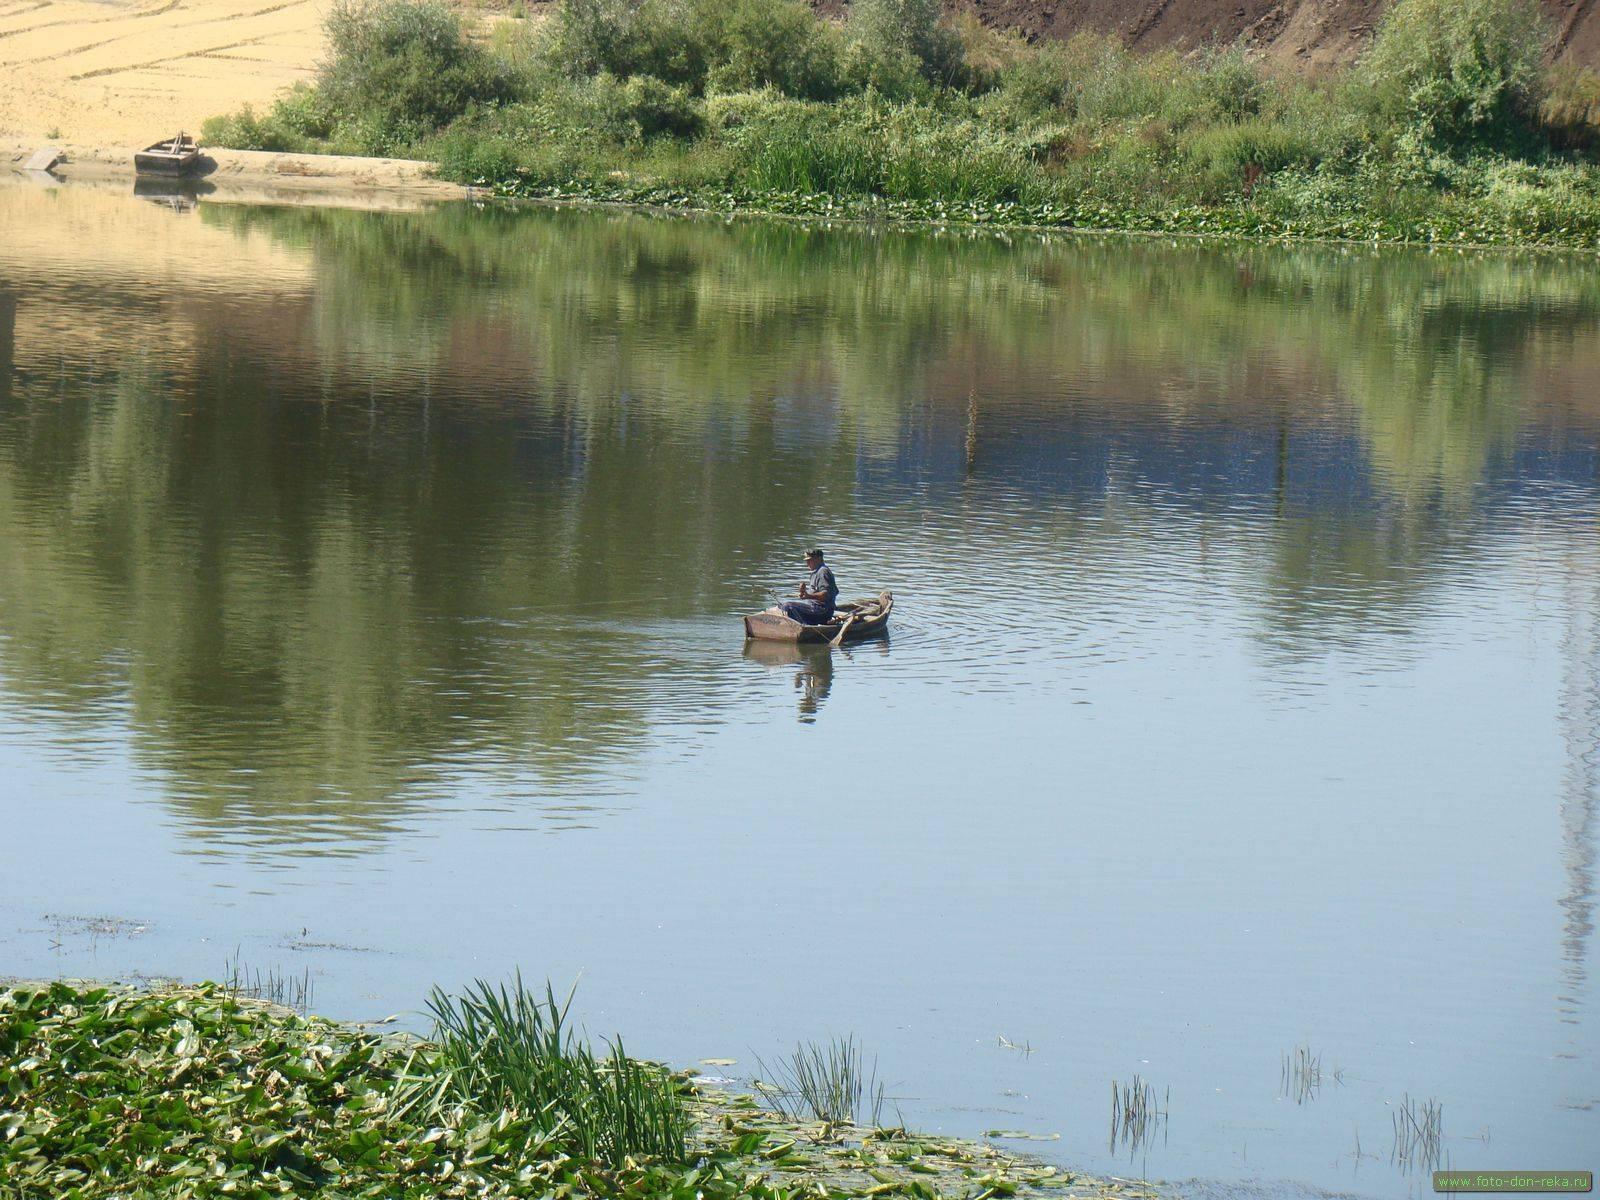 Рыболовные базы в ростове-на-дону и ростовской области: отдых с рыбалкой на маныче, другие недорогие турбазы с домиками